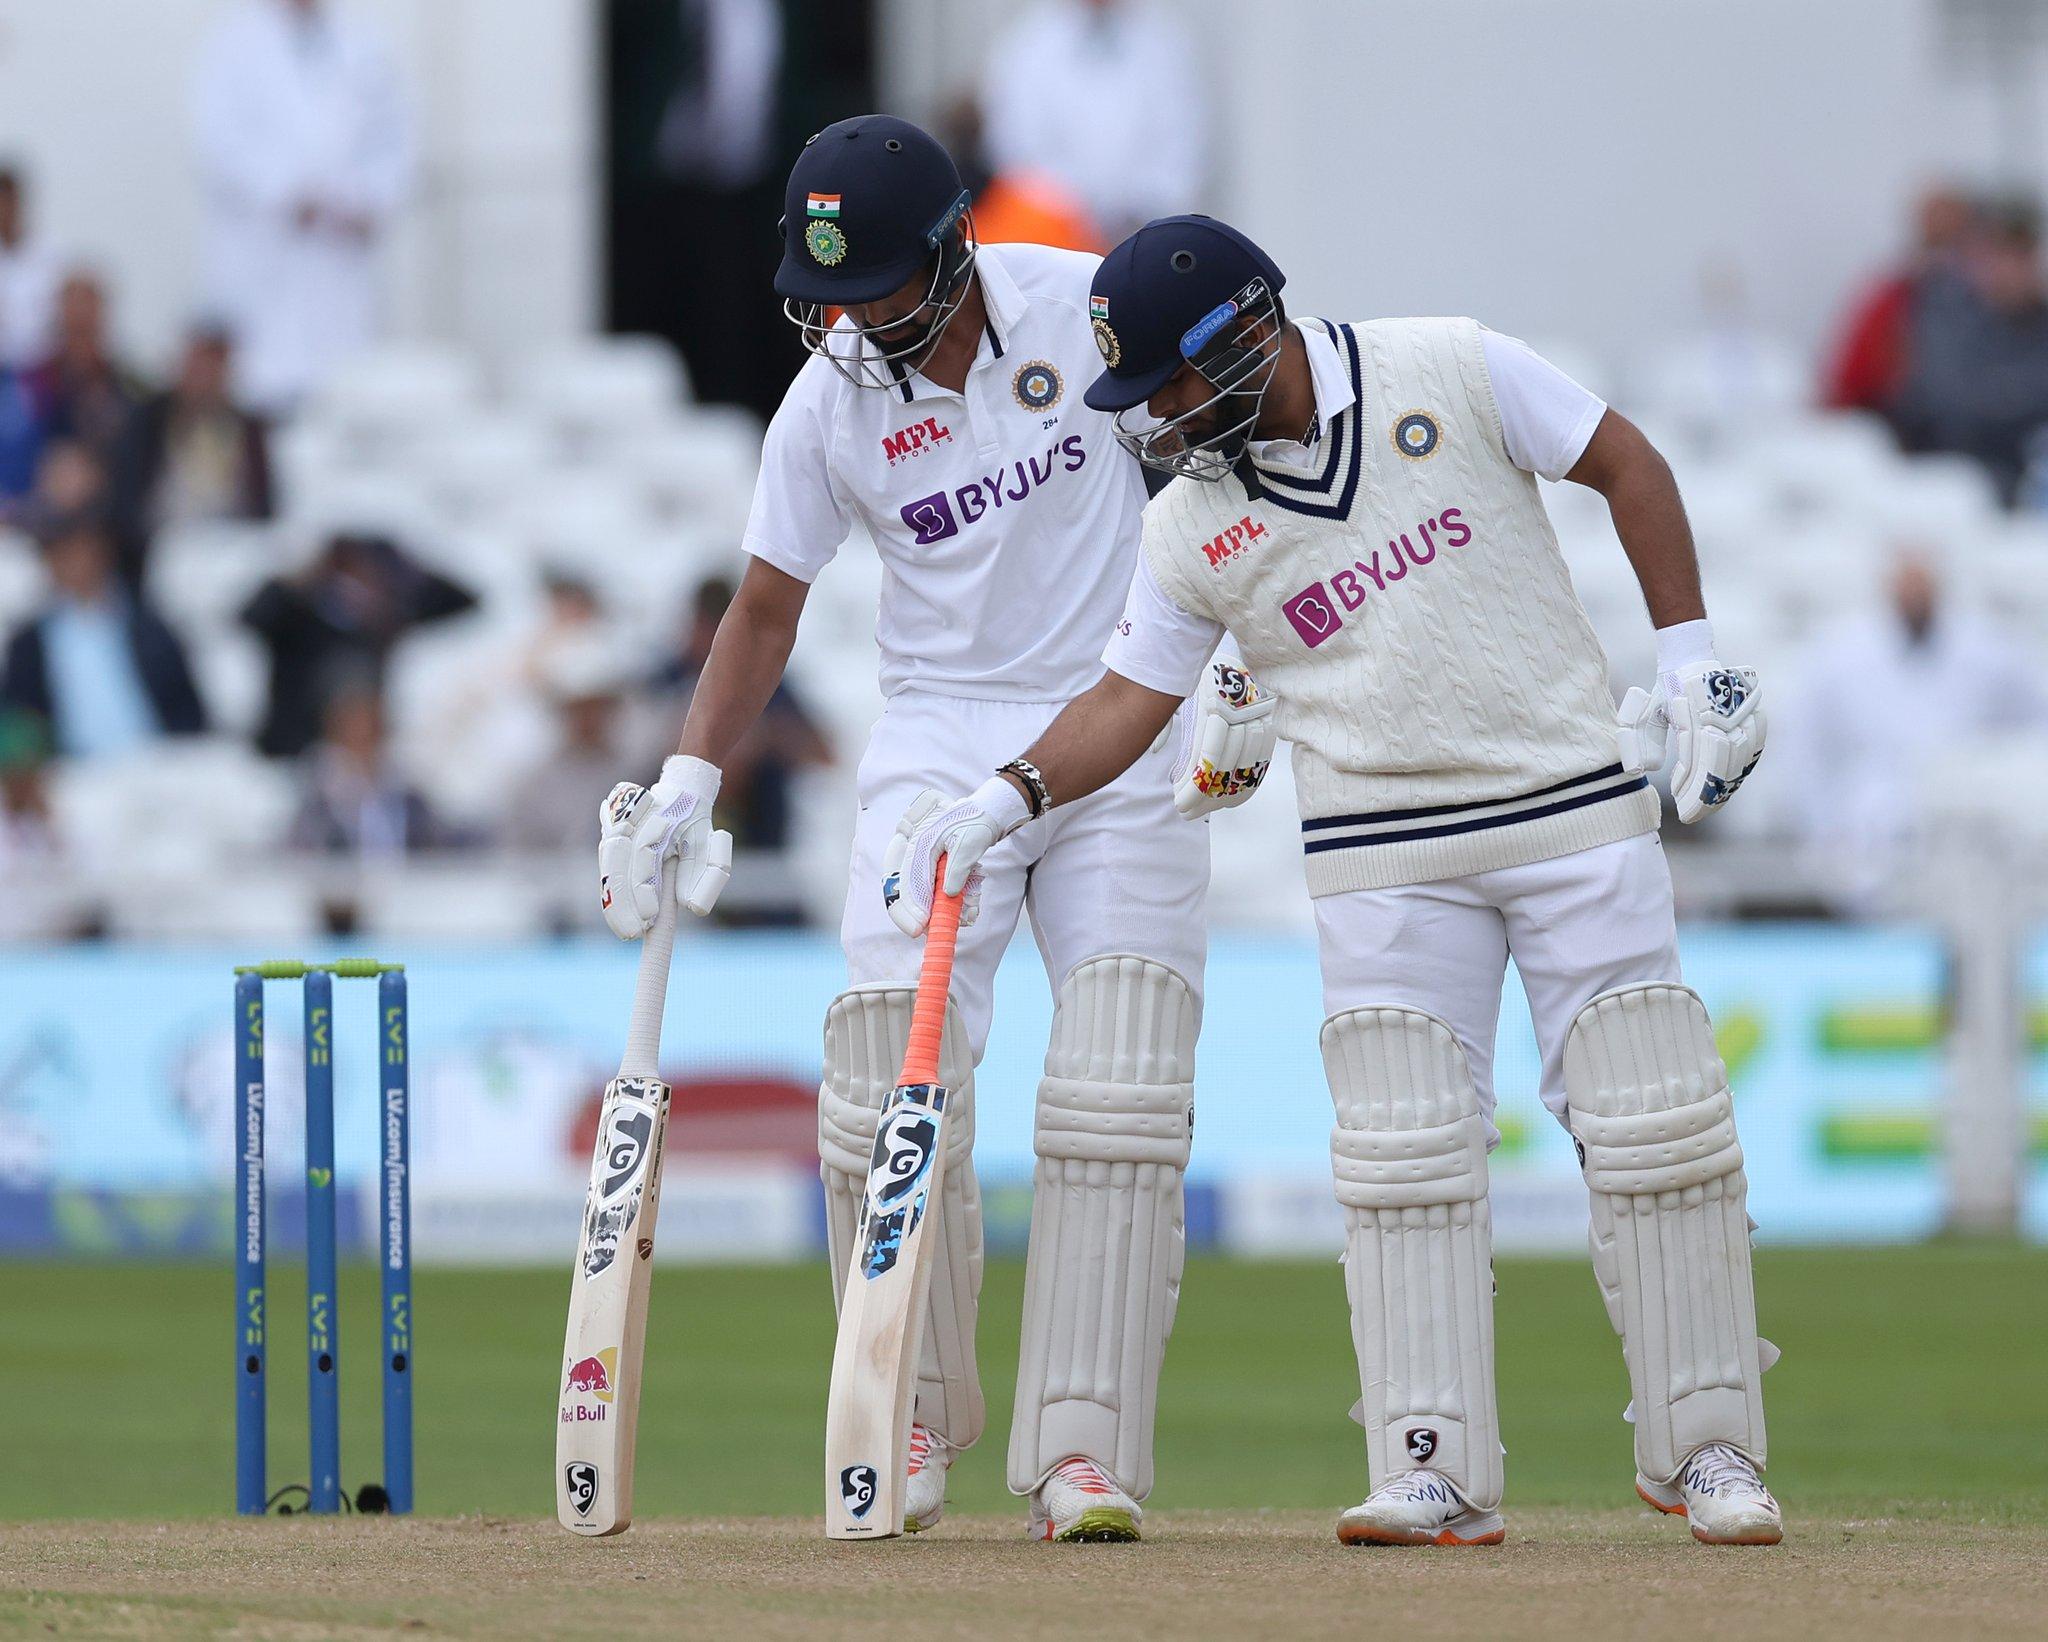 मैच के दौरान राहुल और पंत। ओवरकास्ट कंडिशन होने की वजह से इंग्लैंड के बॉलर्स को फायदा मिल सकता है।